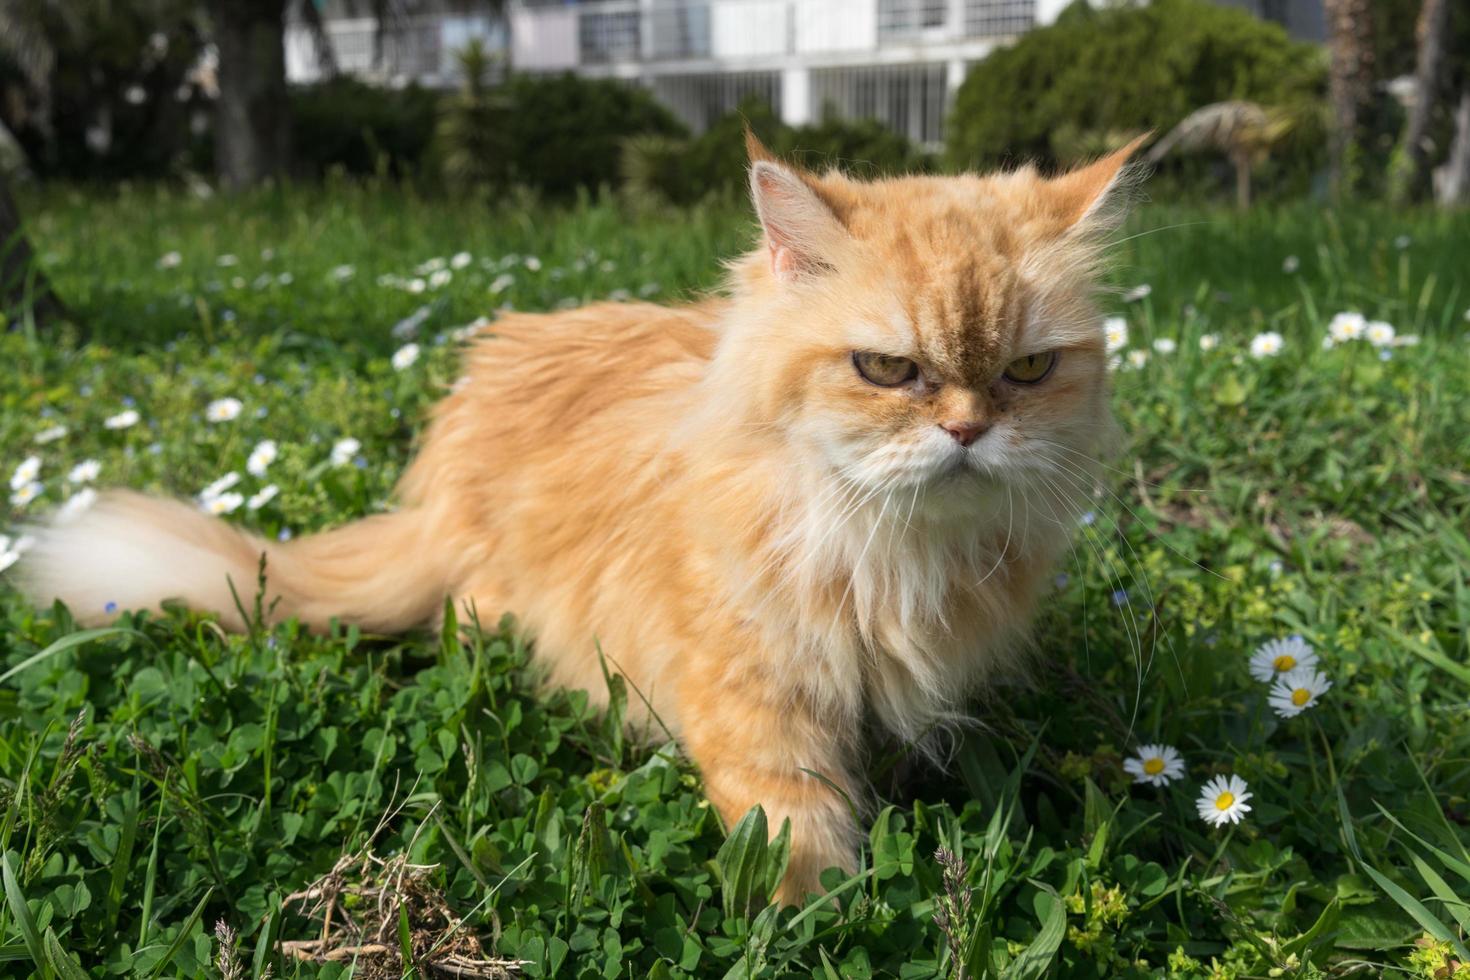 chat rouge moelleux se promène dans l'herbe et les fleurs. photo